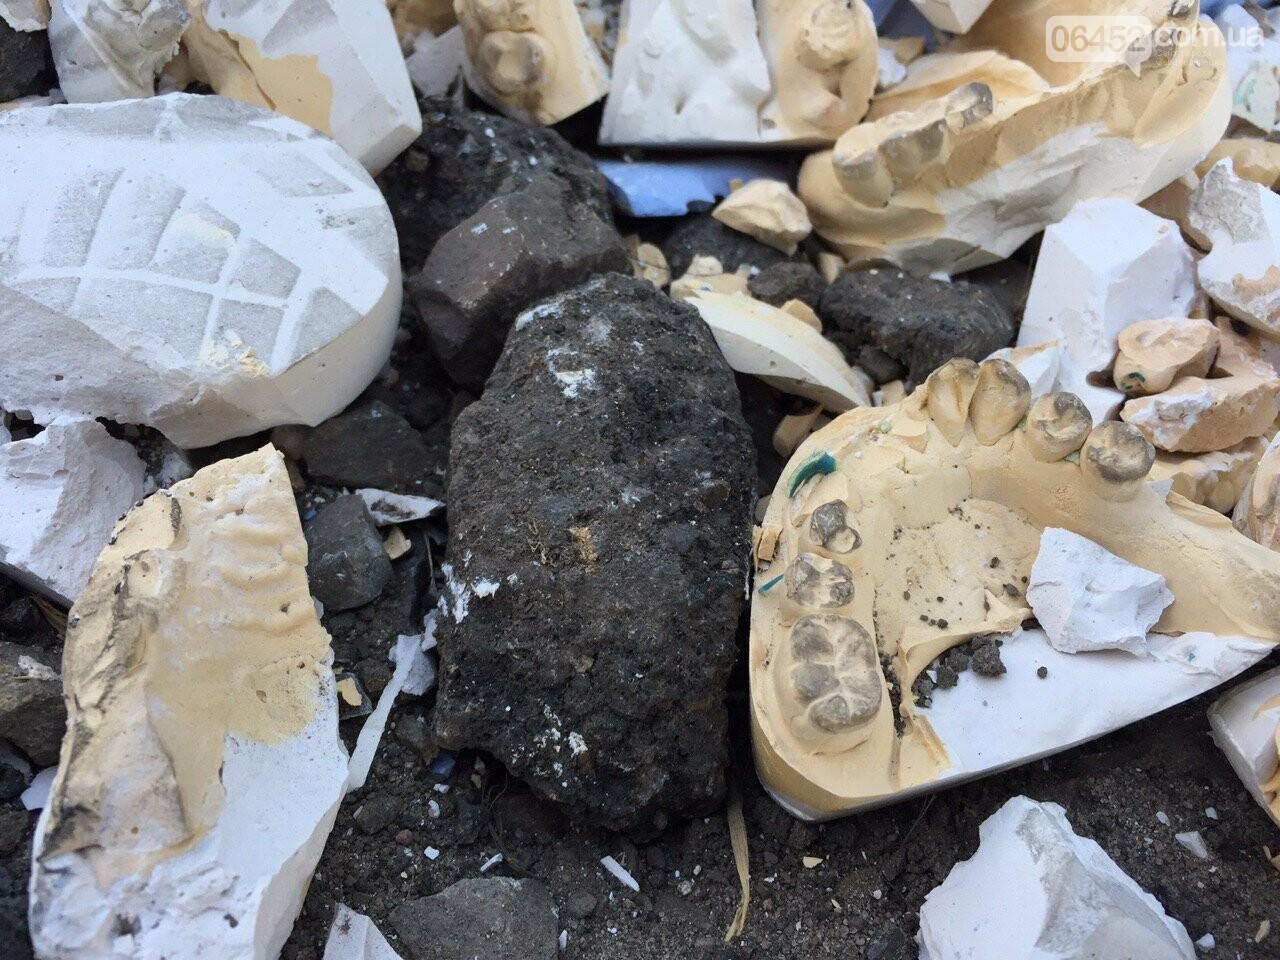 Челюсти вместо асфальта: в Северодонецке засыпали яму зубными протезами, фото-4